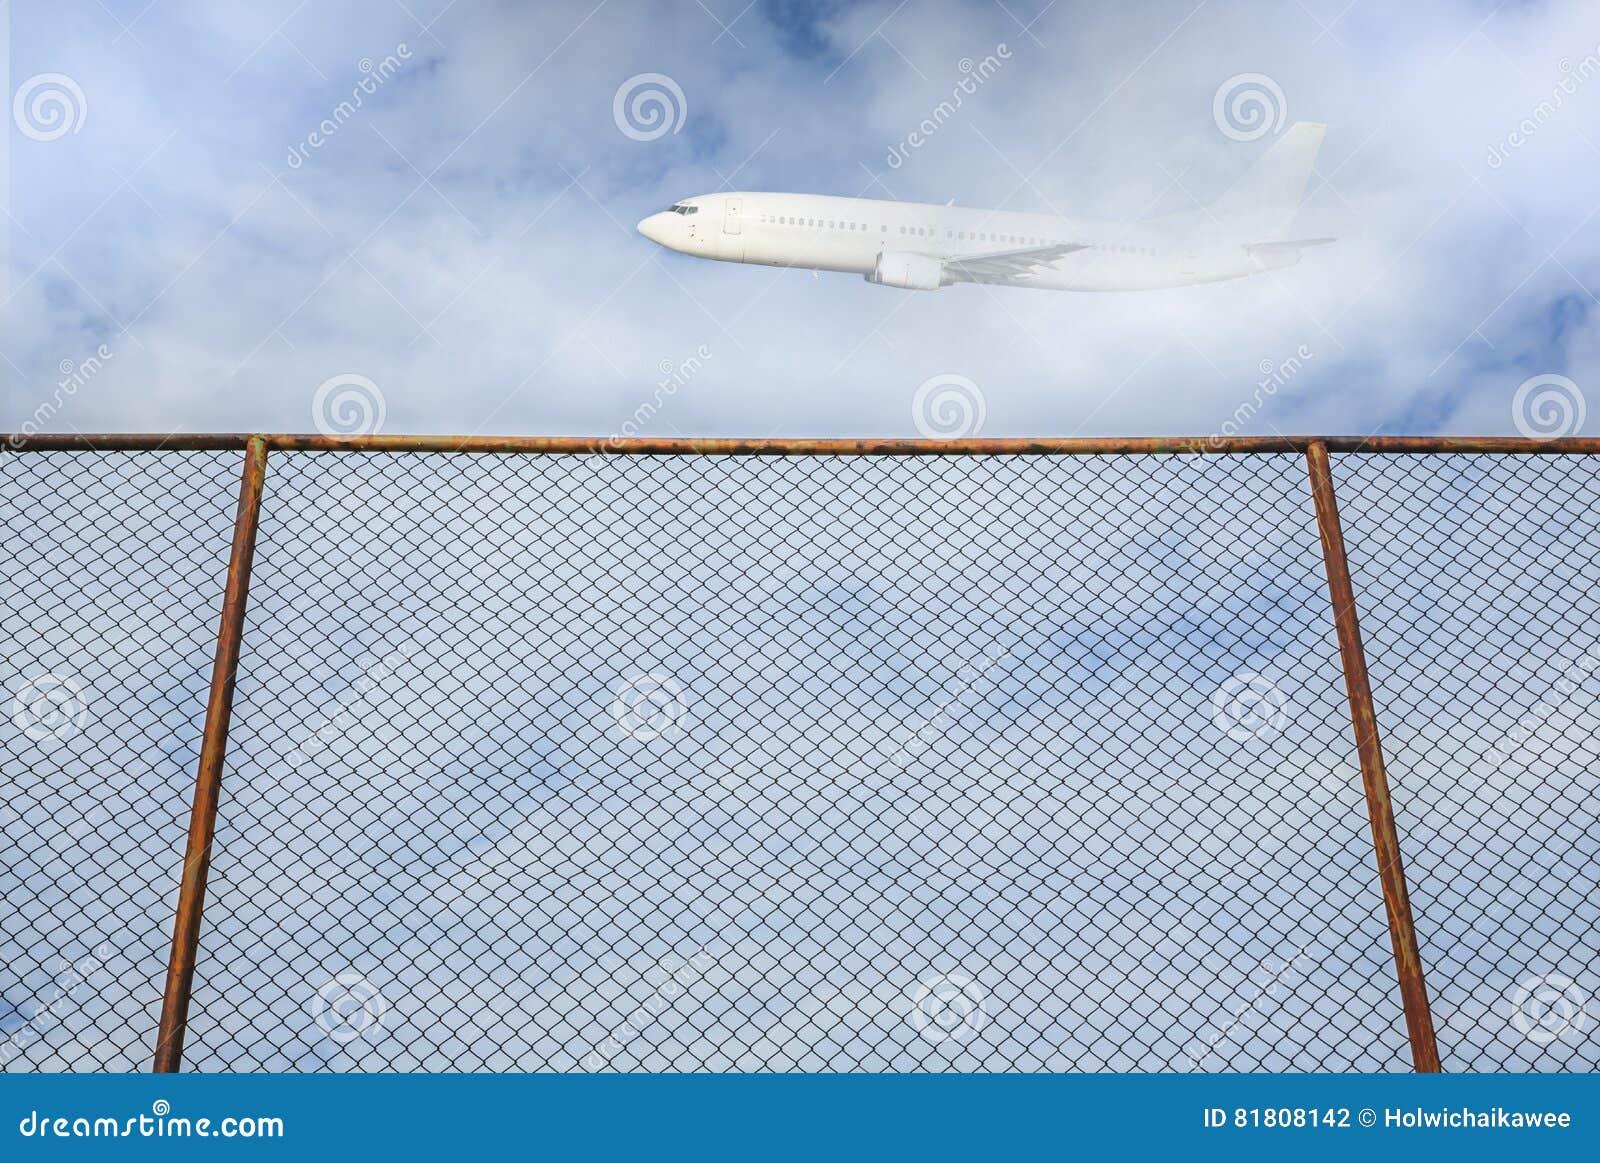 Cerca de aço velha com voo plano no céu